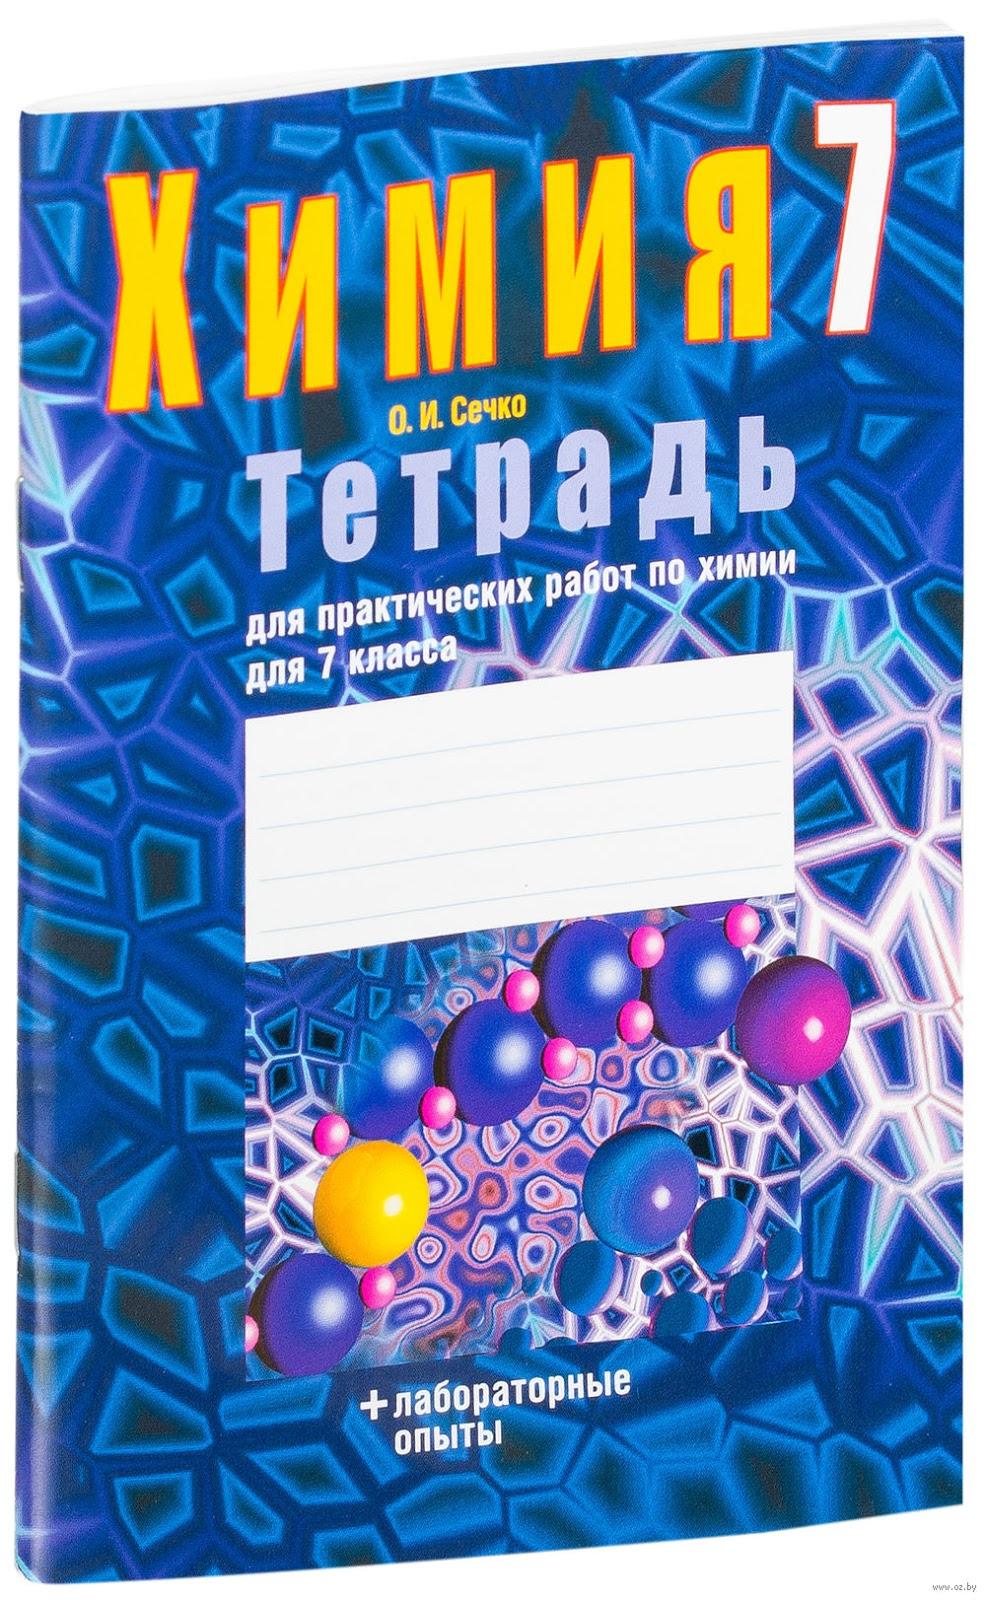 Класс химии рабочая практических 7 работ для по тетрадь решебник